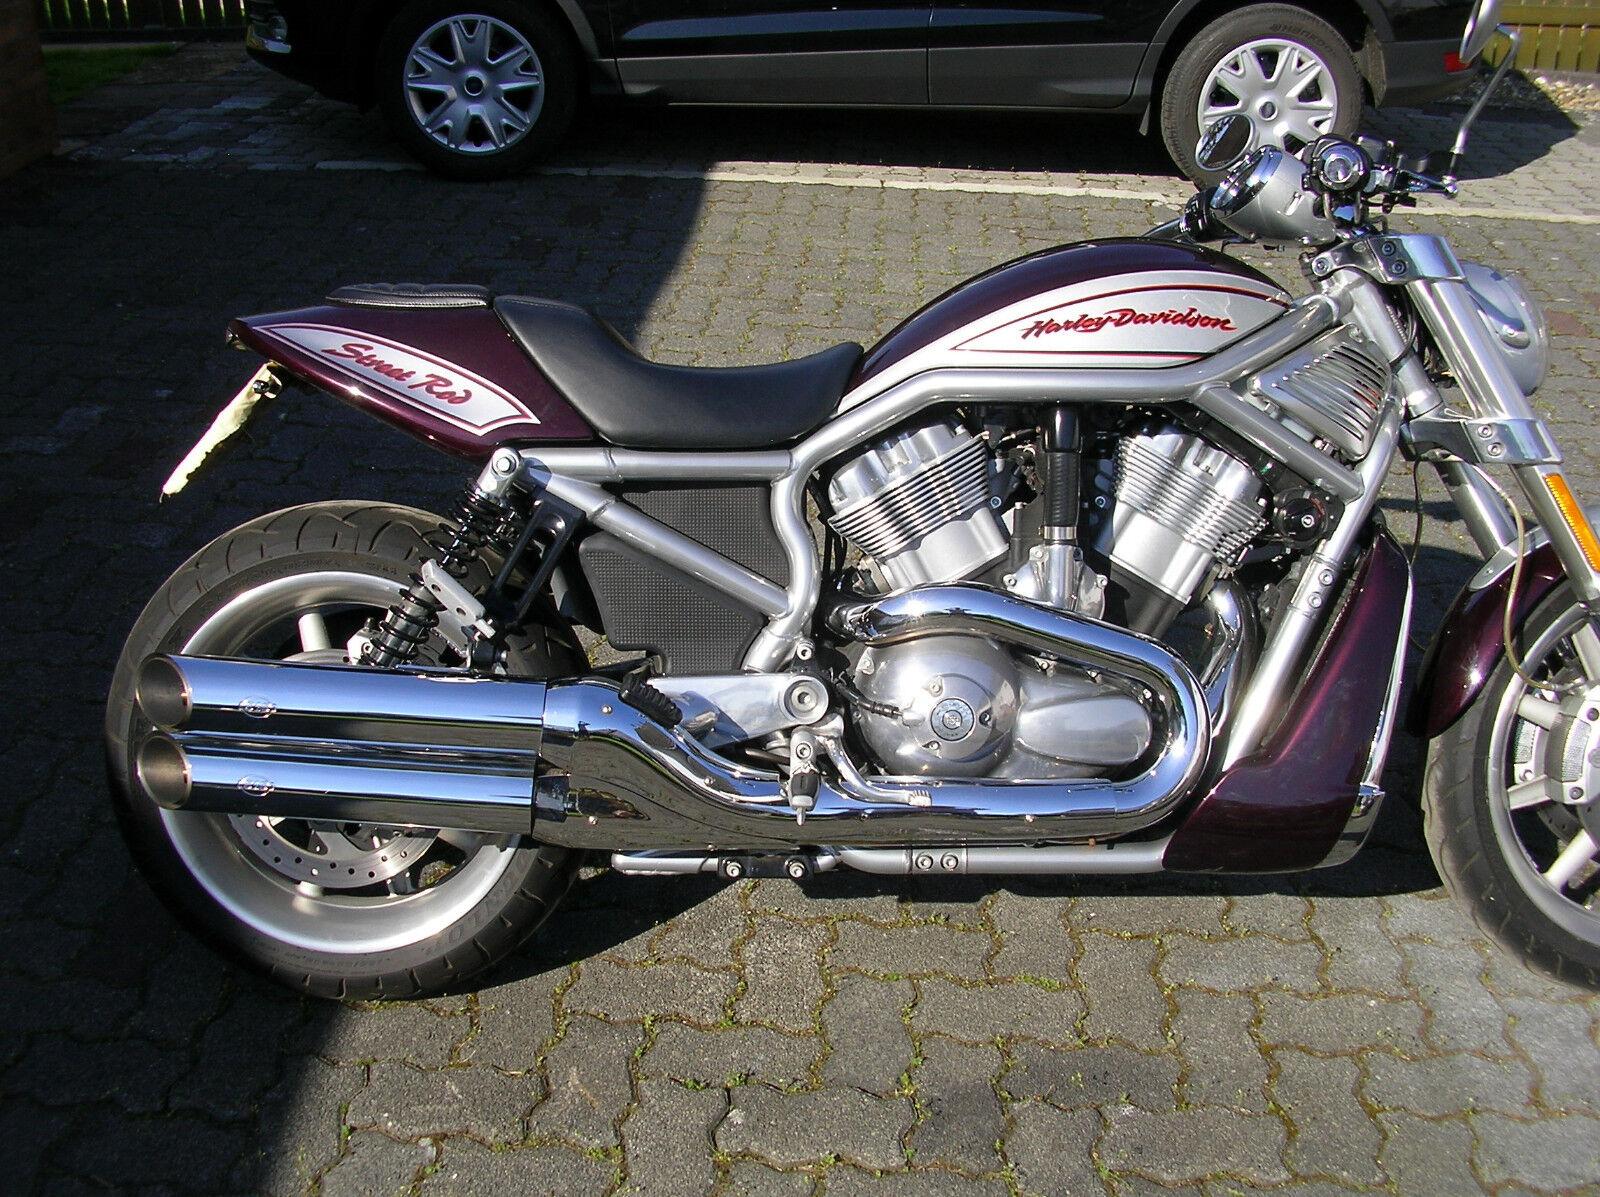 Harley Davidson V-Rod,Street-Rod